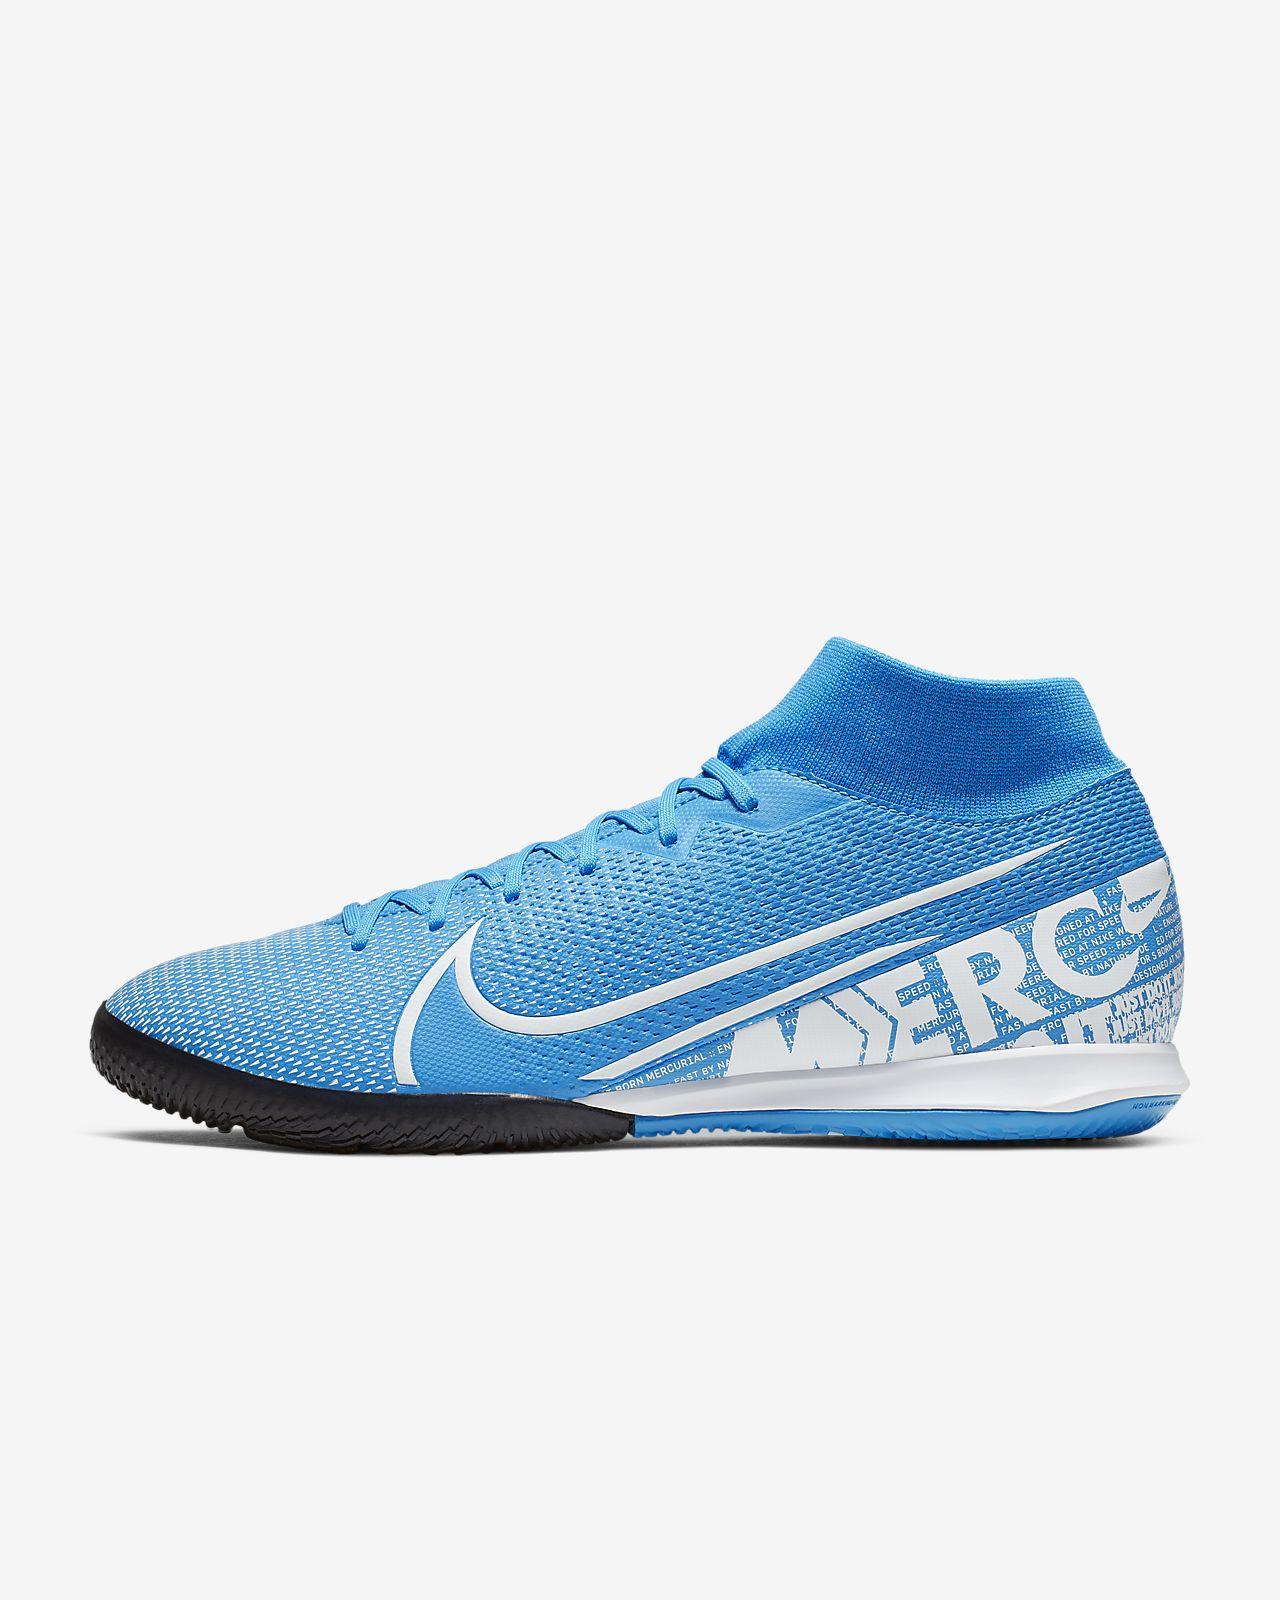 Nike Mercurial Superfly 7 Academy Ic Fussballschuh Fur Hallen Und Hartplatze